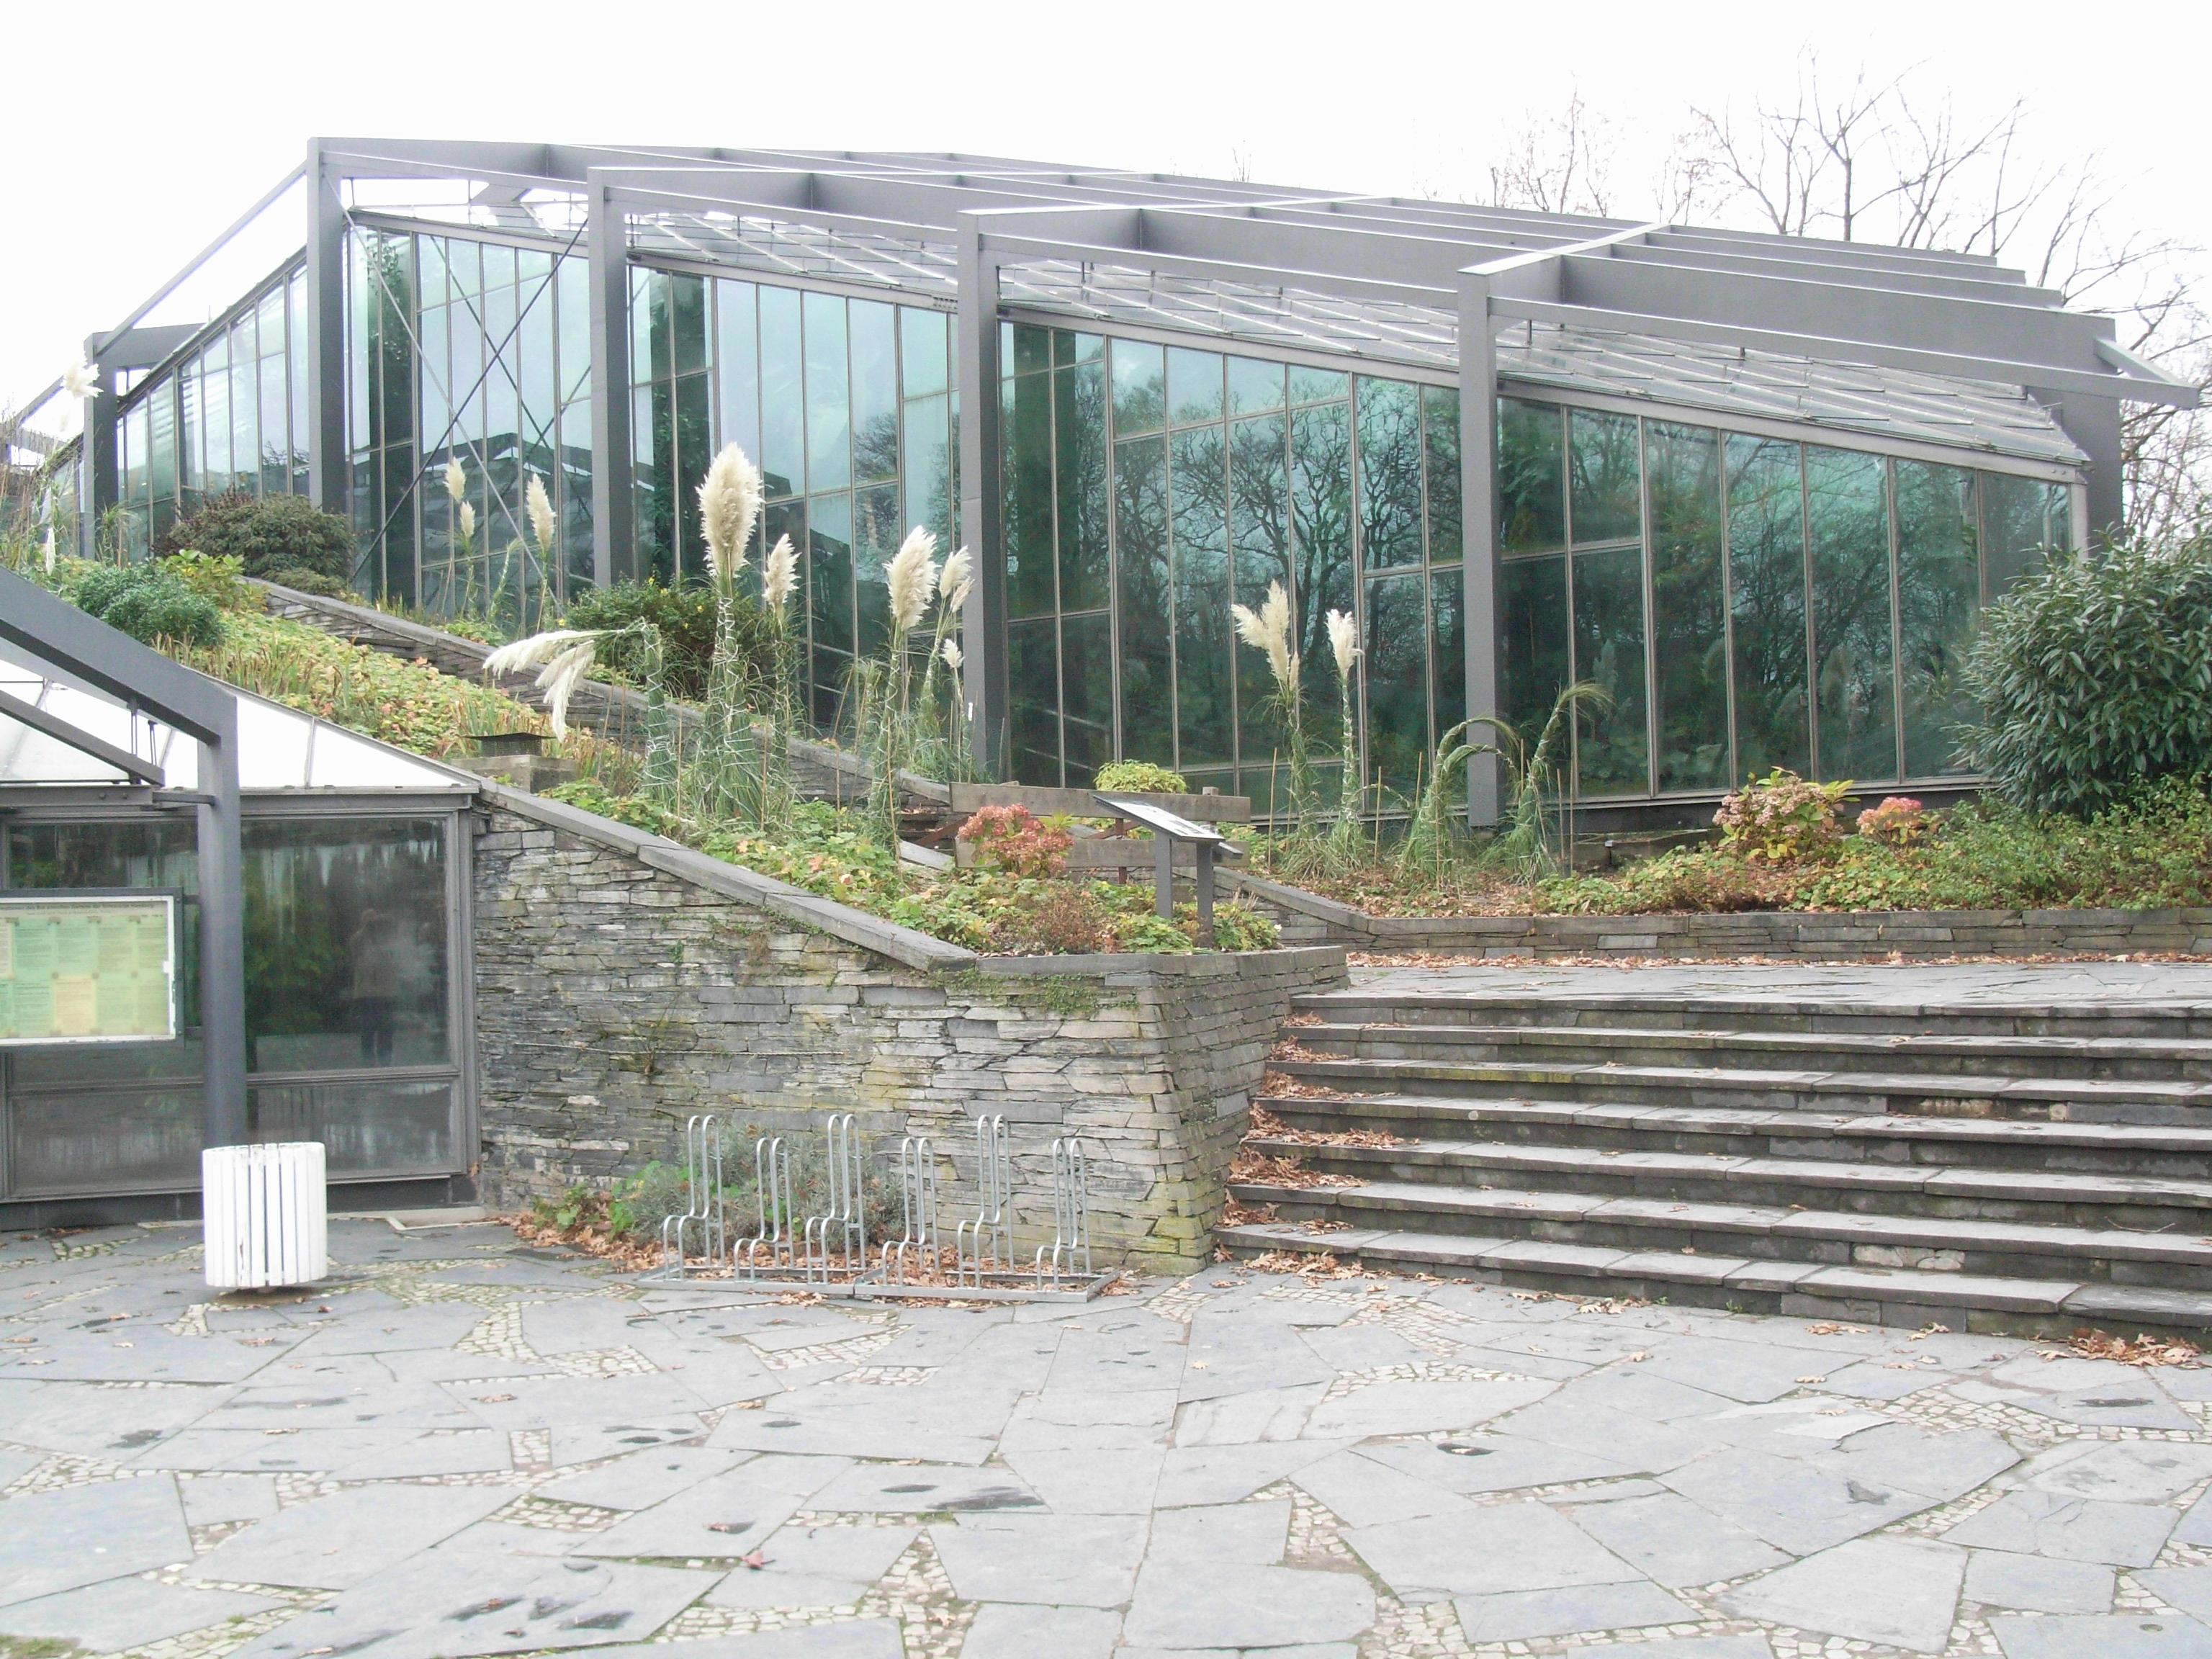 Die Besten Wanderungen Zum Highlight Loki Schmidt Garten Hamburg